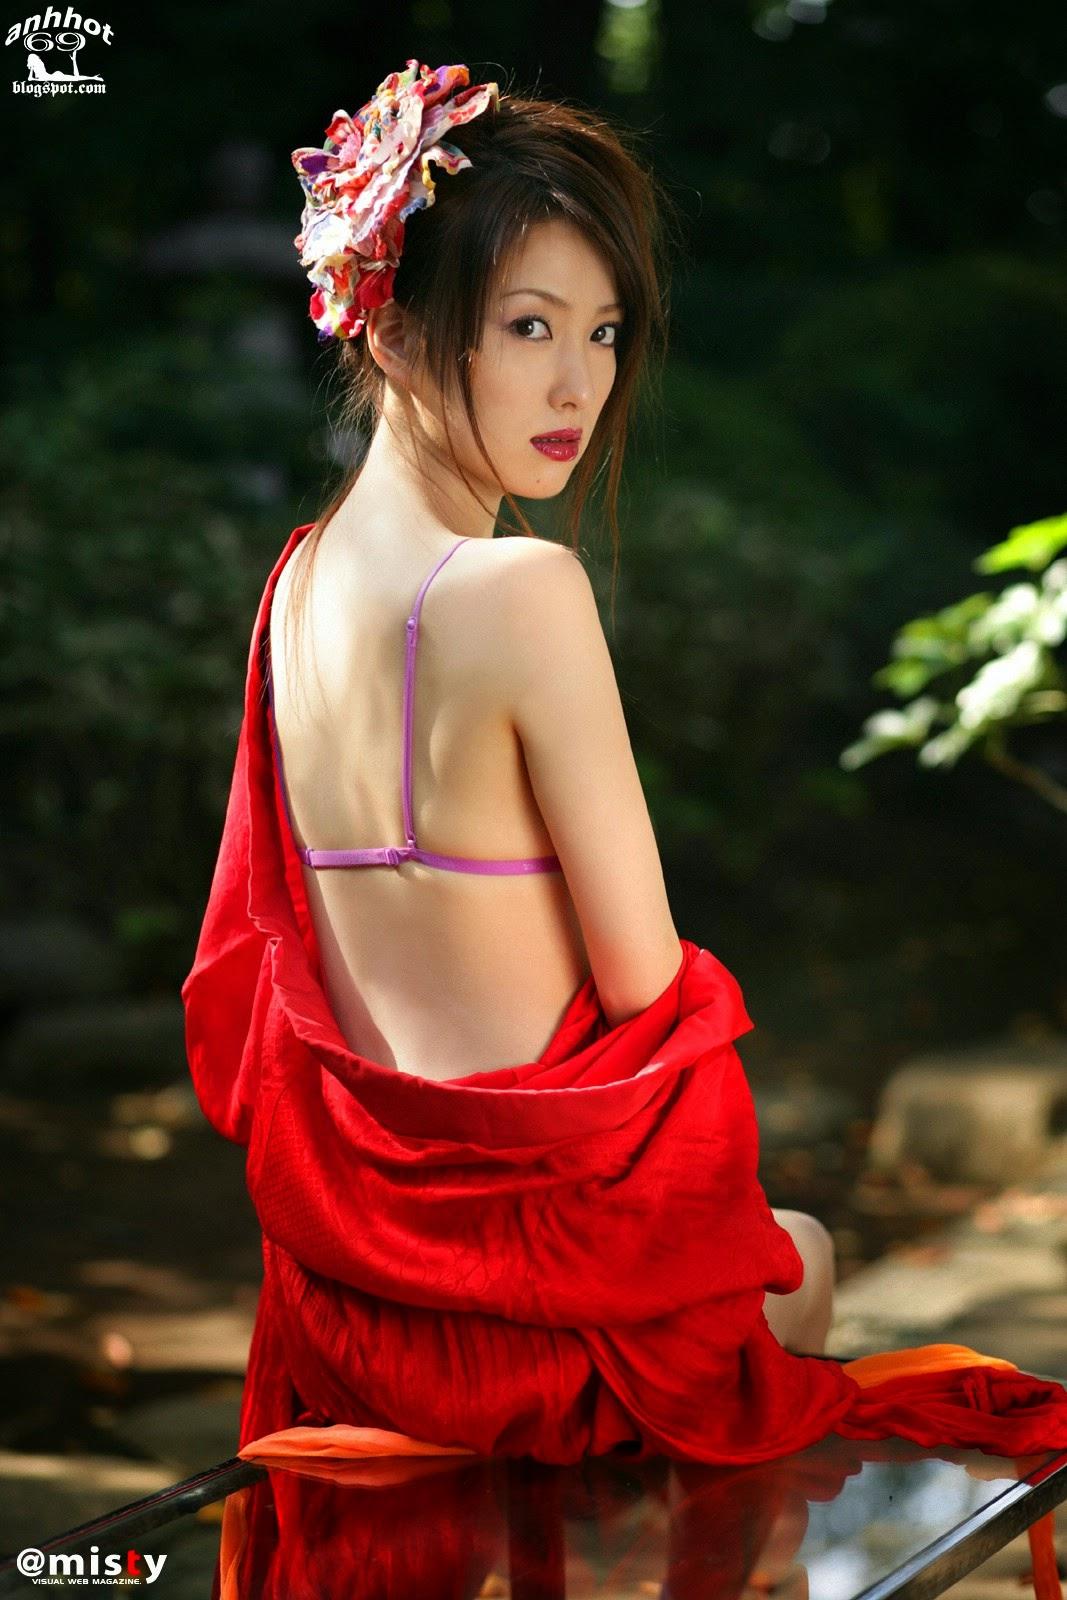 saki-seto-00409125